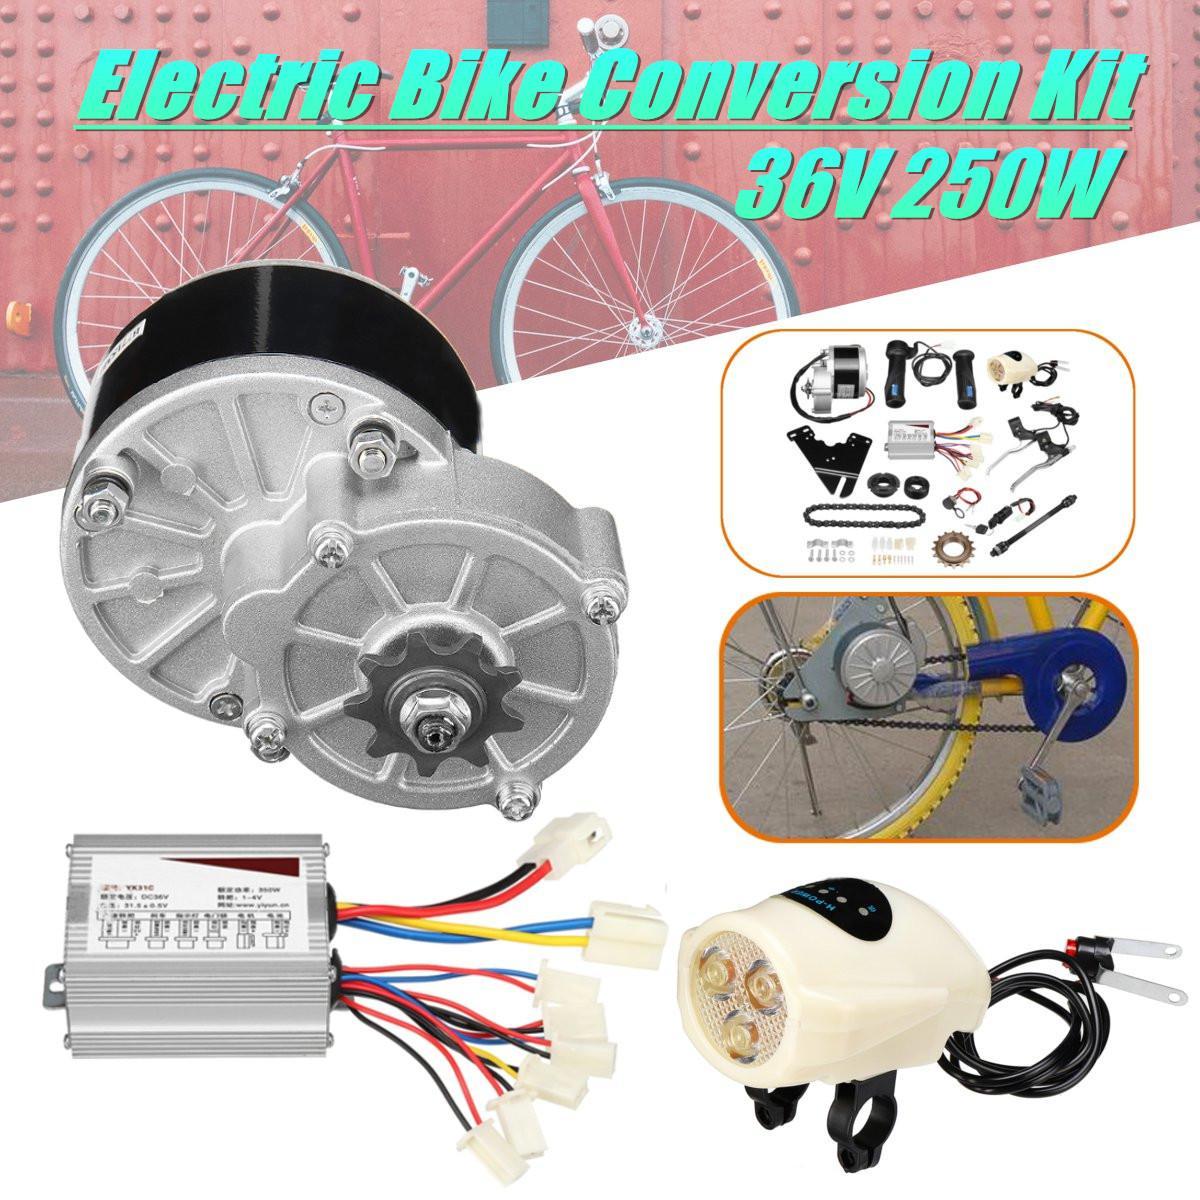 36V 250W Motorrad Elektrische Fahrrad E-Bike Conversion Roller Motor Controller Kit Für 22-28'' ordinary Bike Fahrrad Zubehör